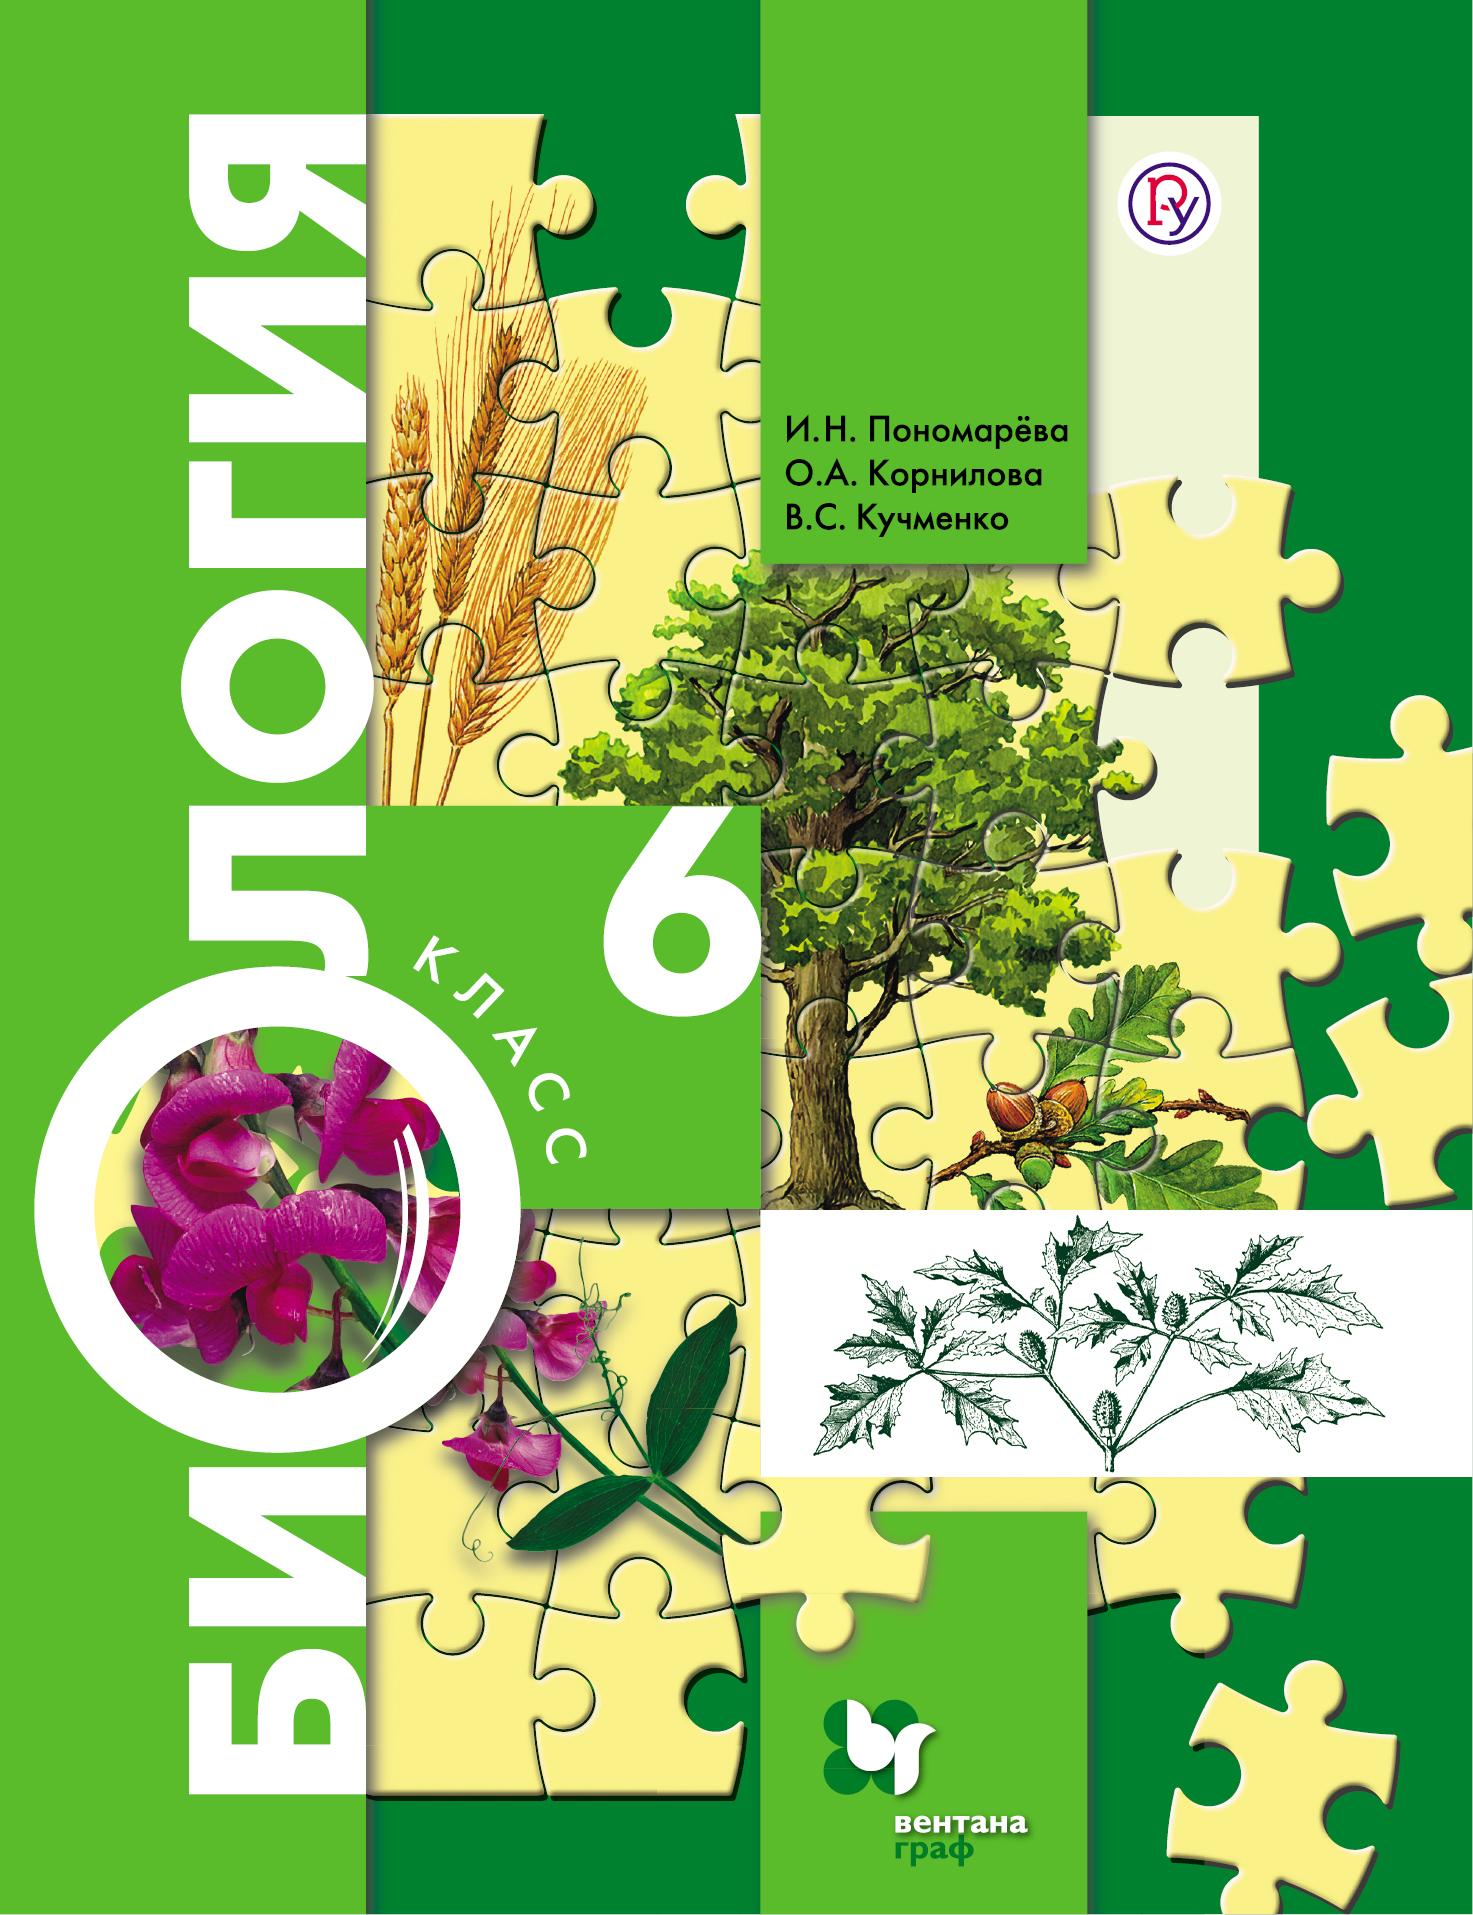 Глава 3 по биологии 6 класс органы цветковых растений пономарева учебник